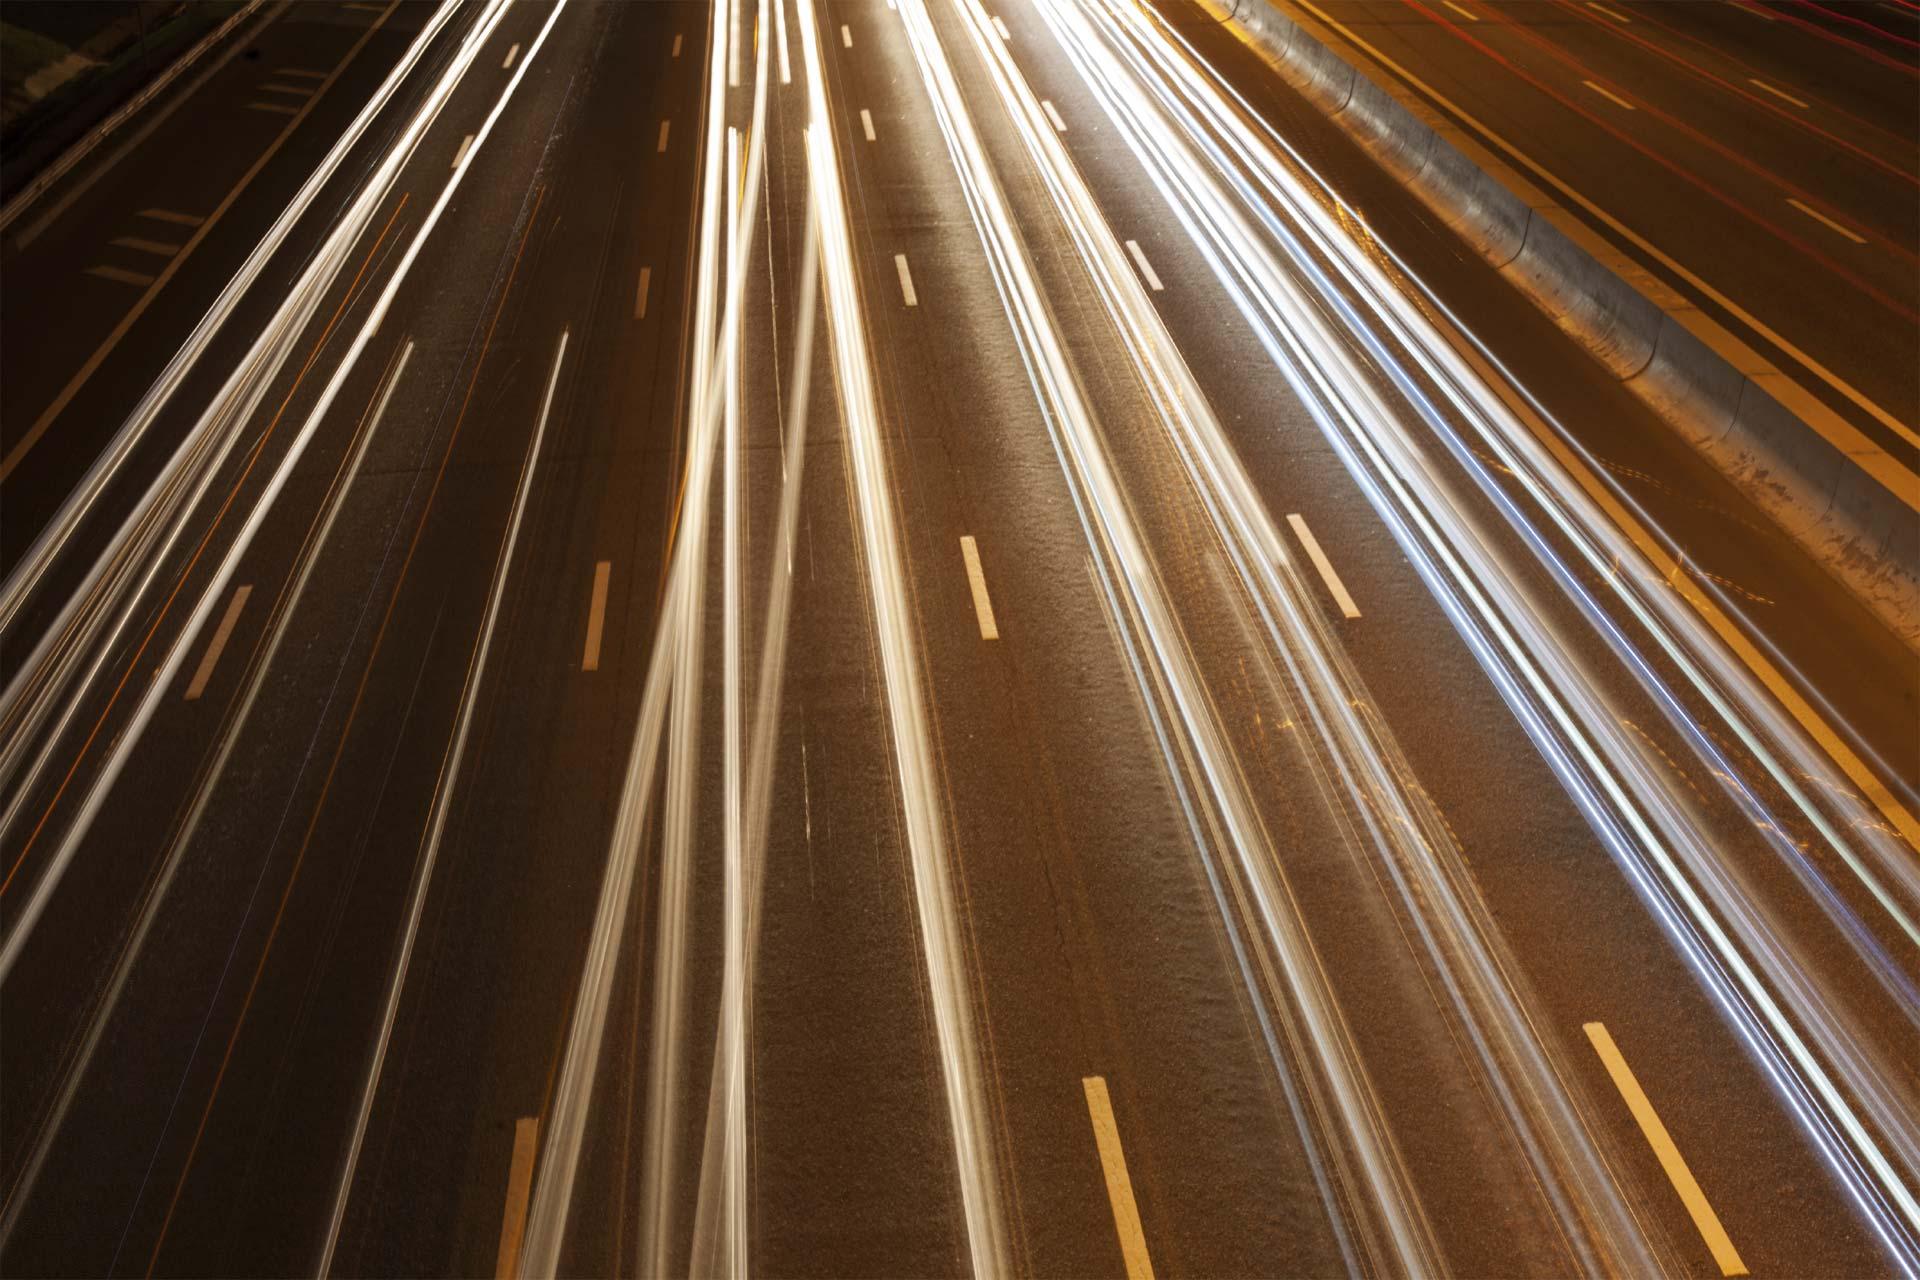 Una automotriz japonesa creó un sistema de indicadores luminosos que advierten sobre la dirección que tomará un carro